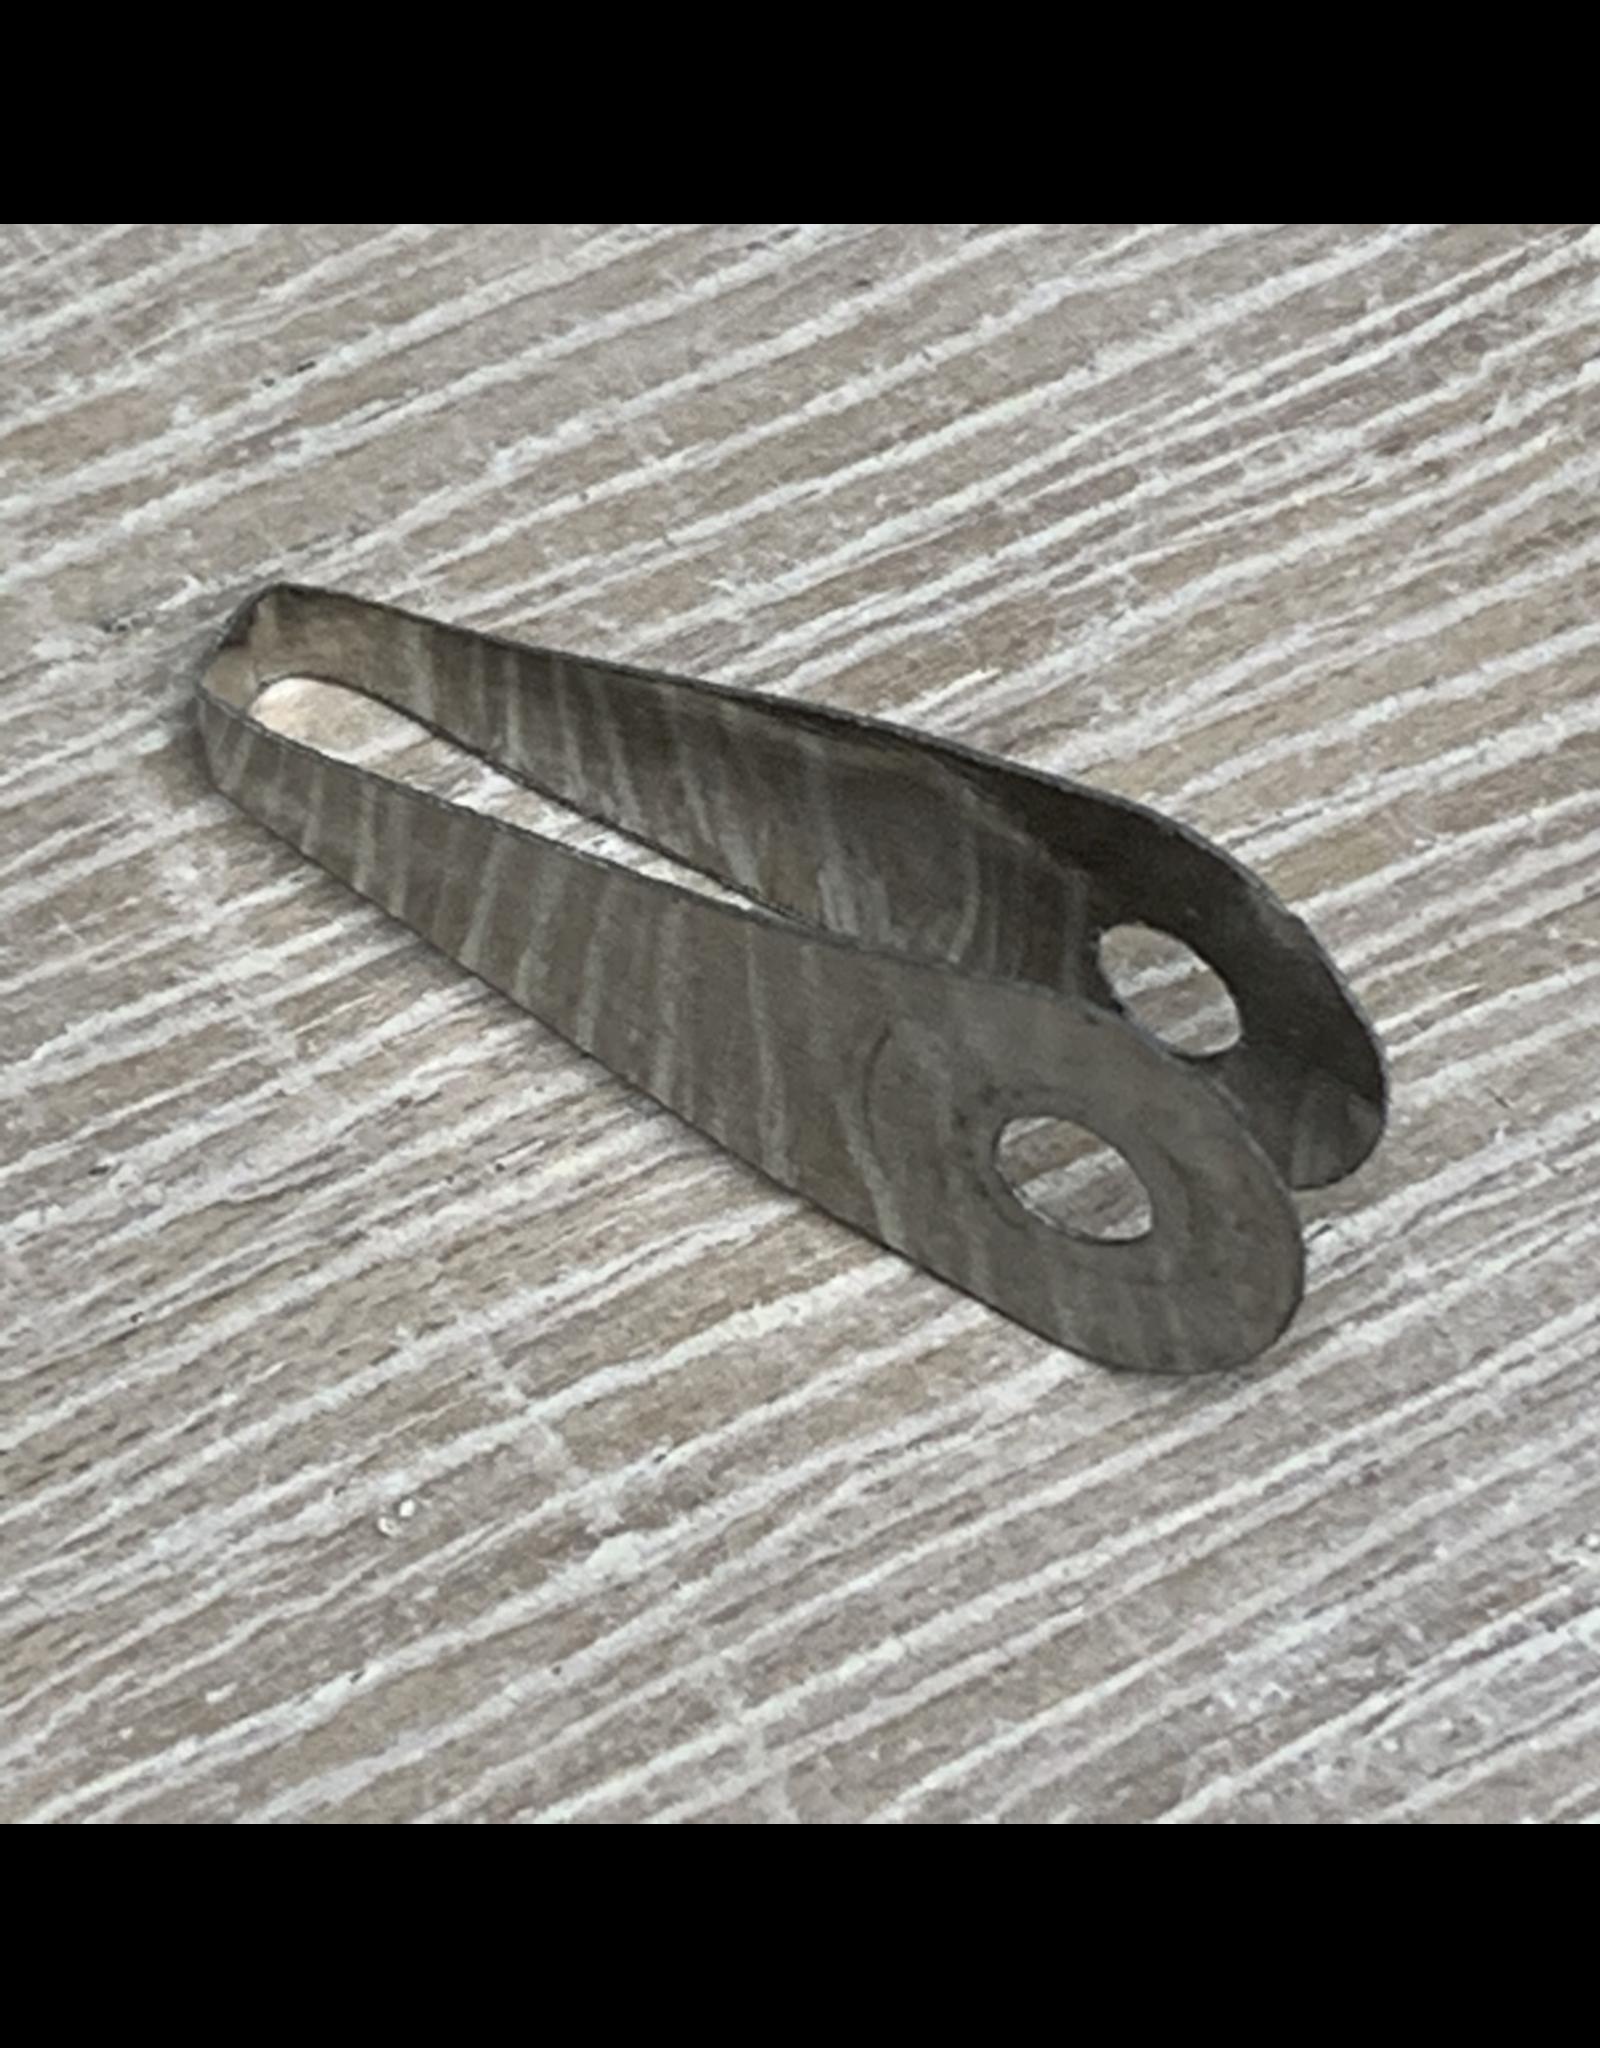 Diamond Core Tools P21 spare blade